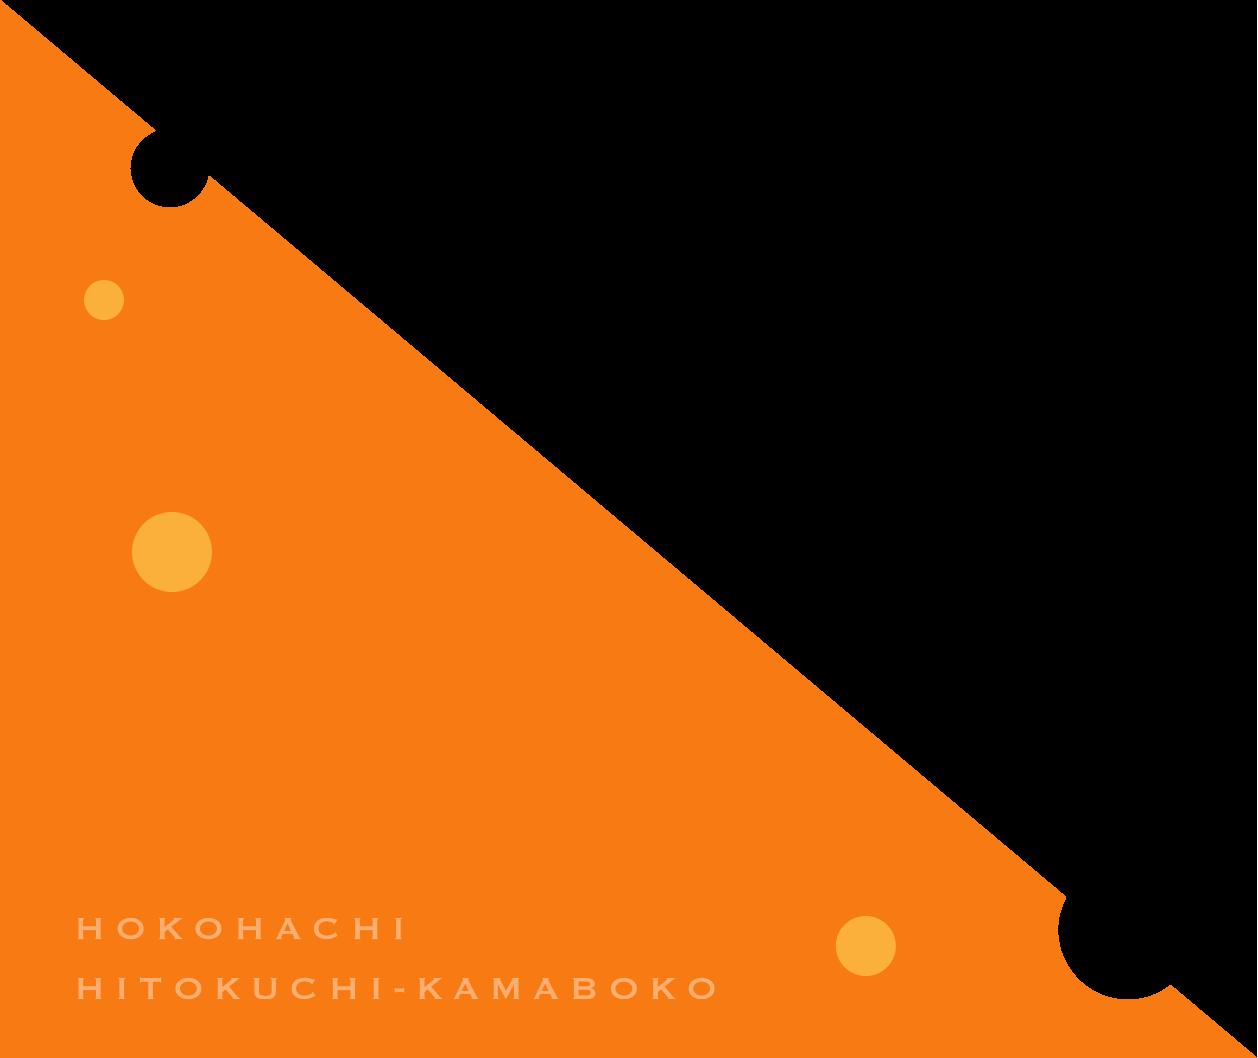 HOKOHACHI HITOKUCHI-KAMABOKO